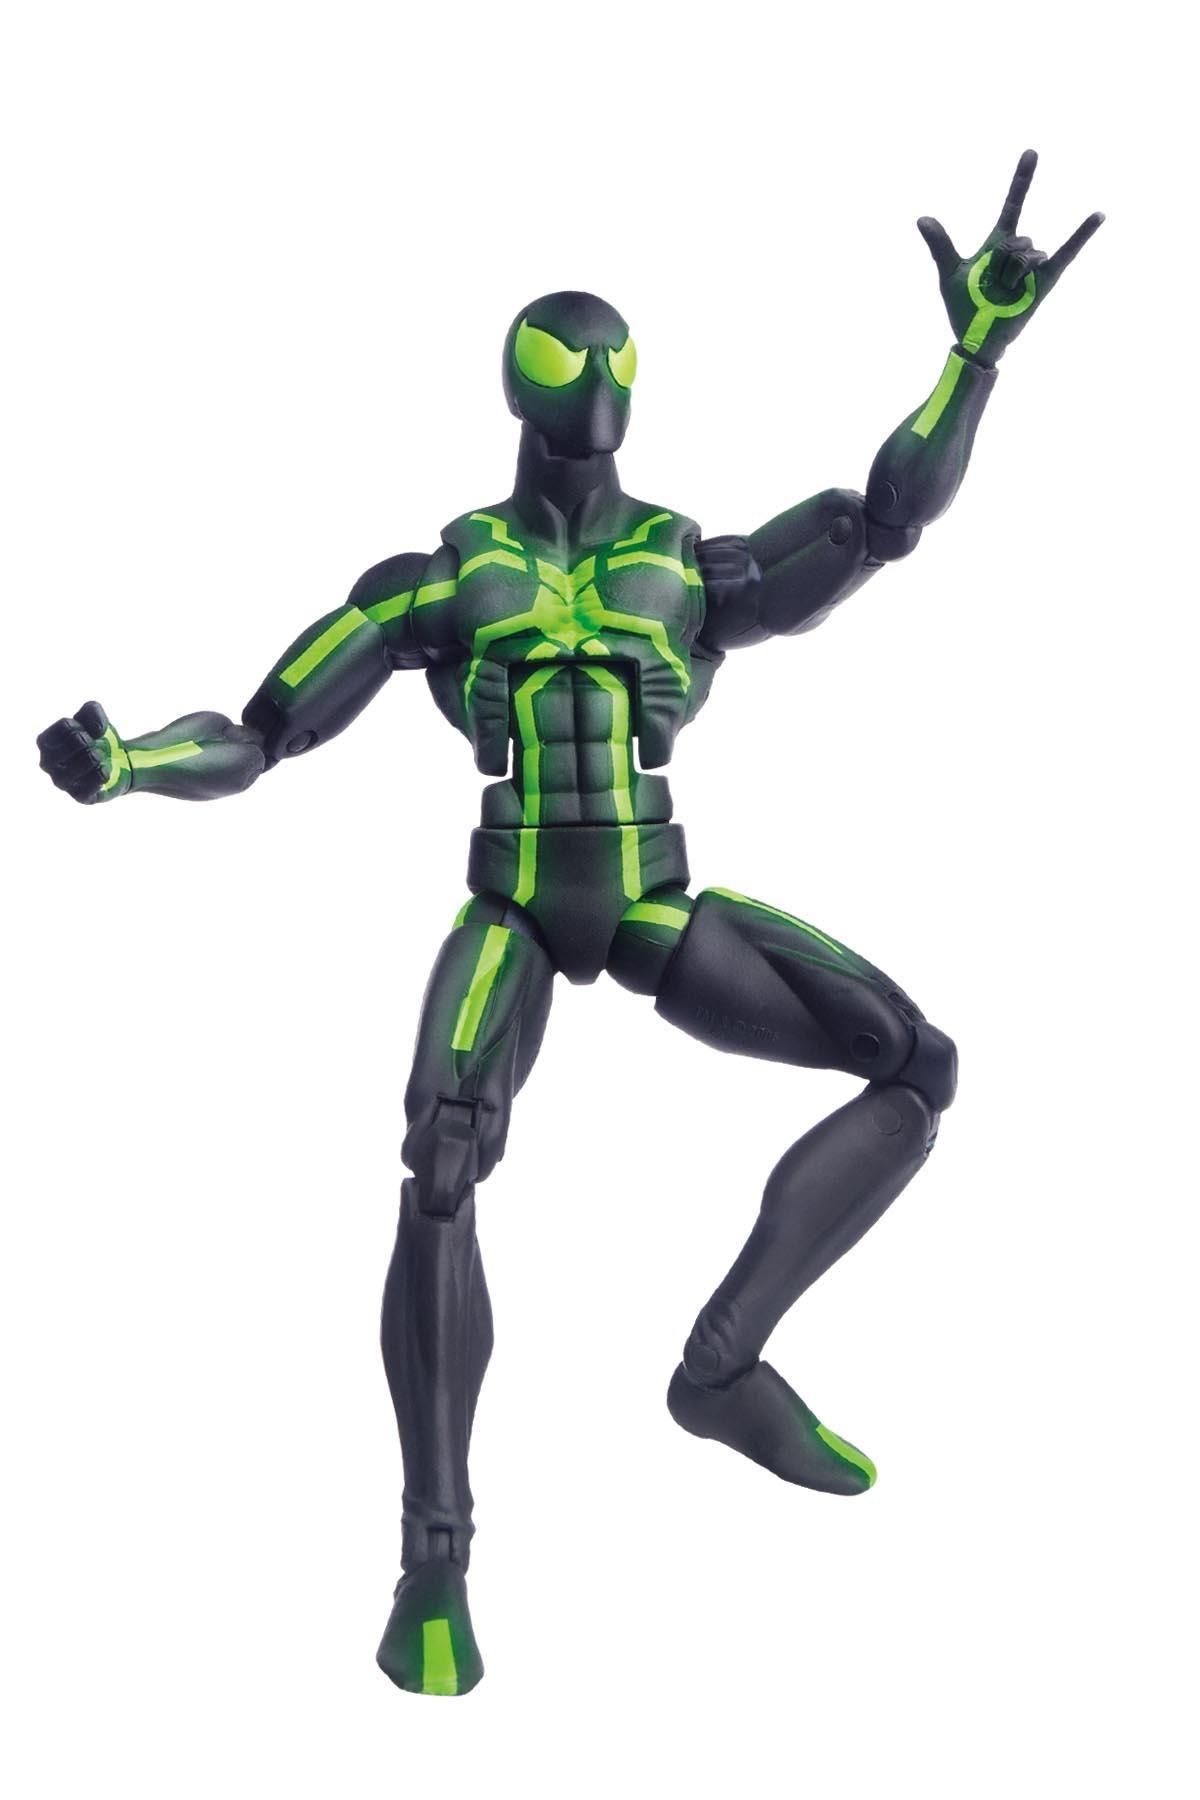 The Return of Marvel Legends Wave Two Big Time Spider-Man - LegendsCrazy.net